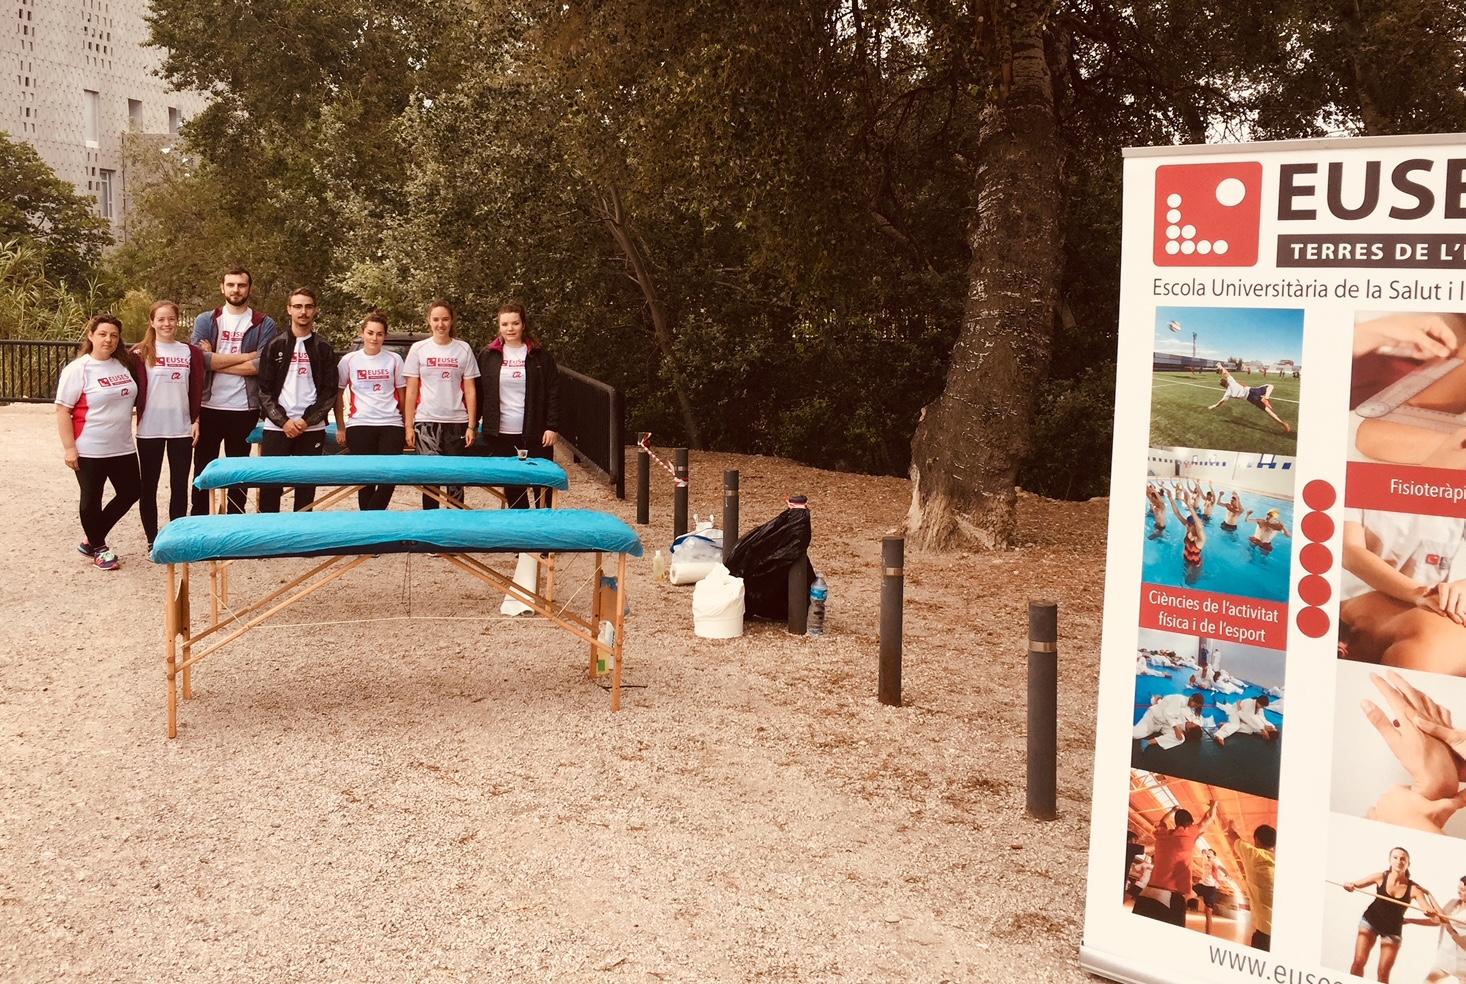 Estudiants del Grau en Fisioteràpia d'EUSES Terres de l'Ebre recuperen els participants de la 18a edició de la cursa de muntanya de la UEC Tortosa